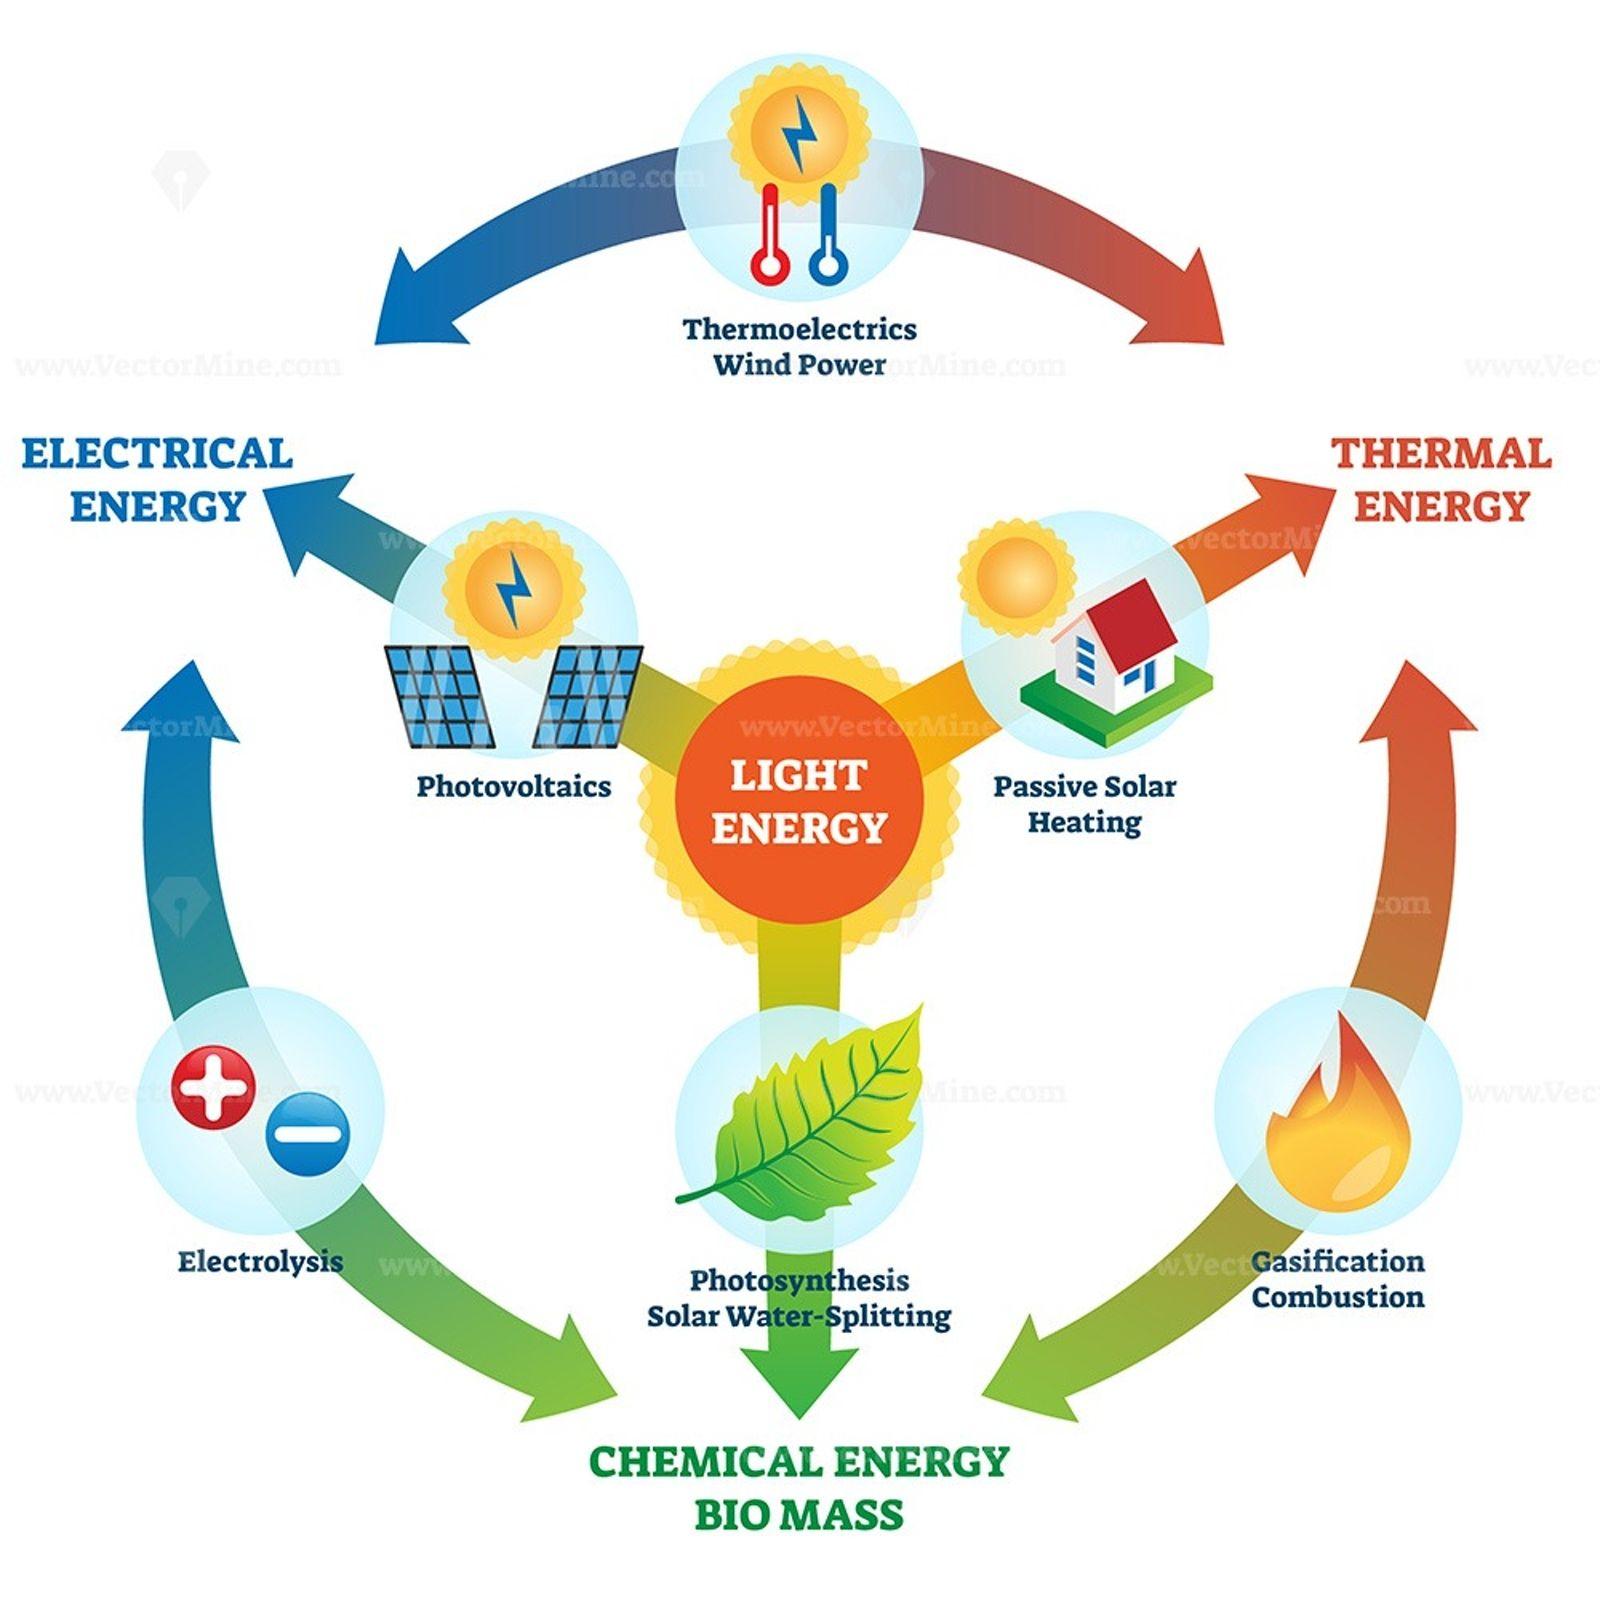 Light Energy Vector Illustration In 2020 Light Energy Vector Illustration Illustration